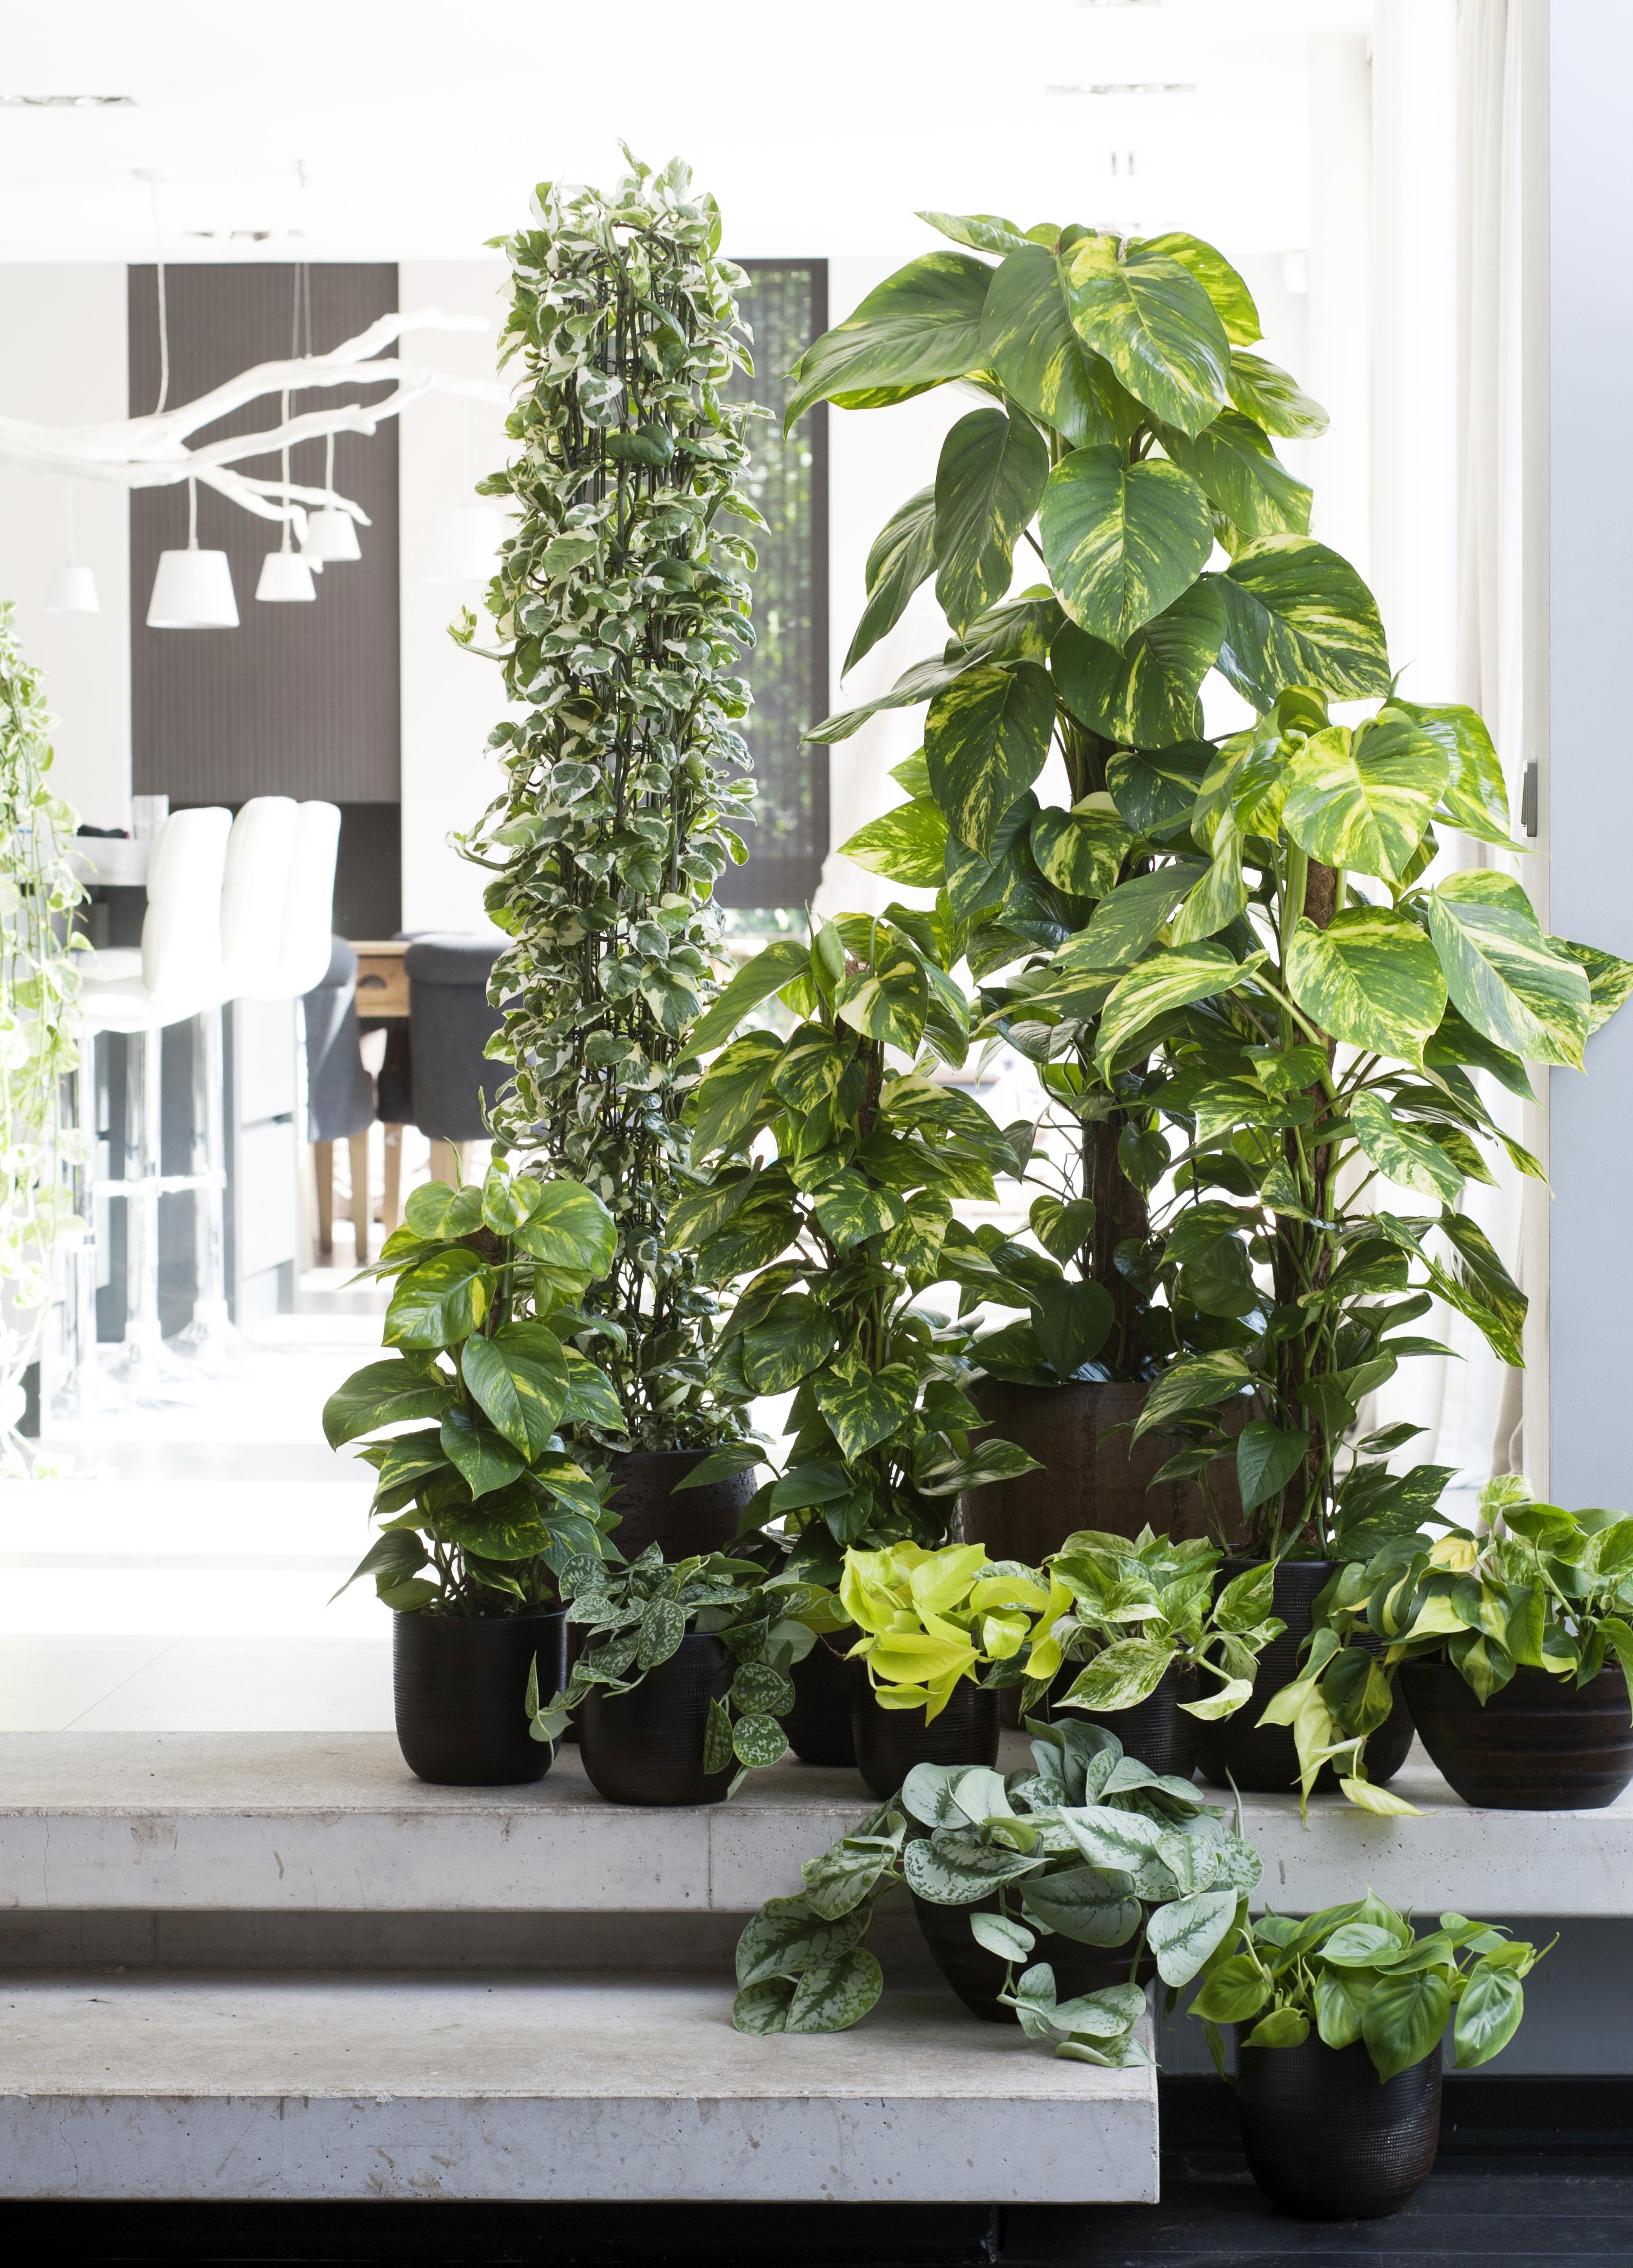 Efeutute ist die zimmerpflanze des monats februar die efeutute verbreitet power und schafft - Zimmerpflanze rankend ...